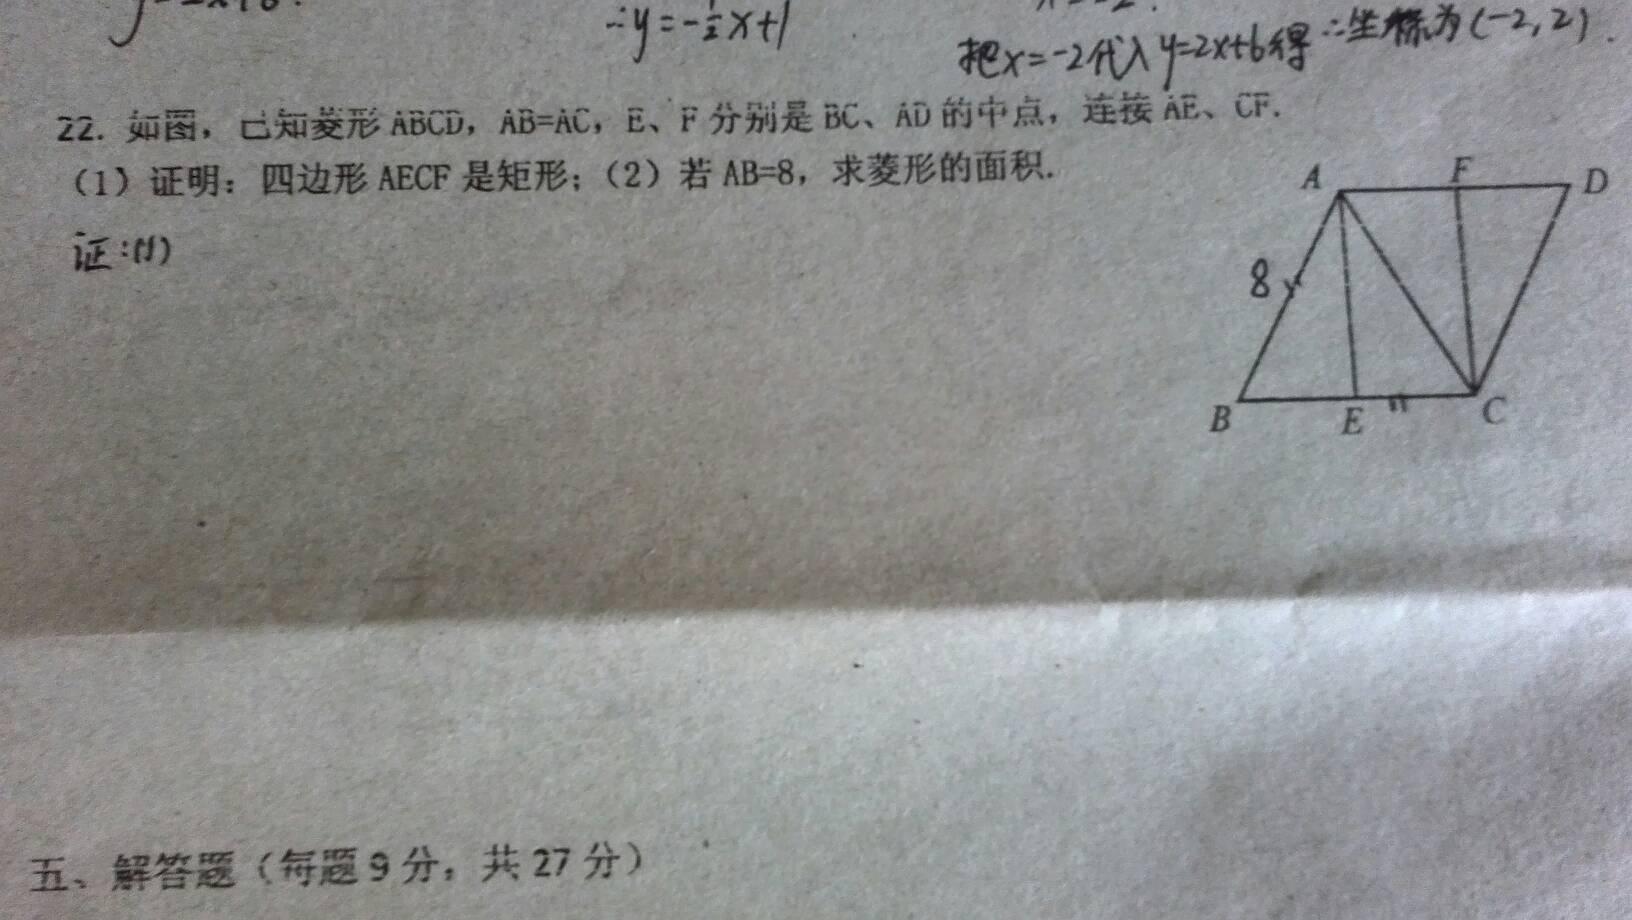 数学几何图形题图片